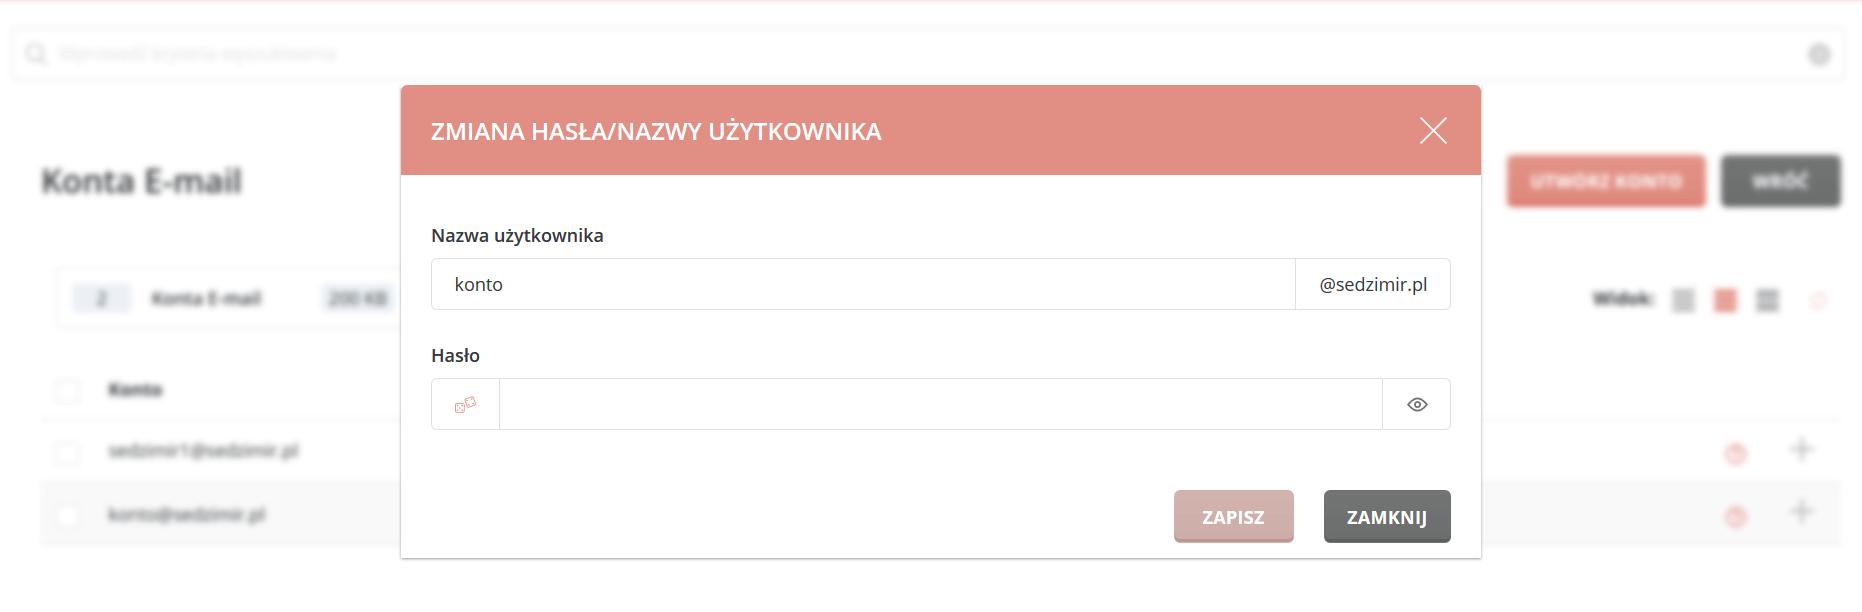 Zmiana  hasła do konta e-mail utworzonego w Kru.pl